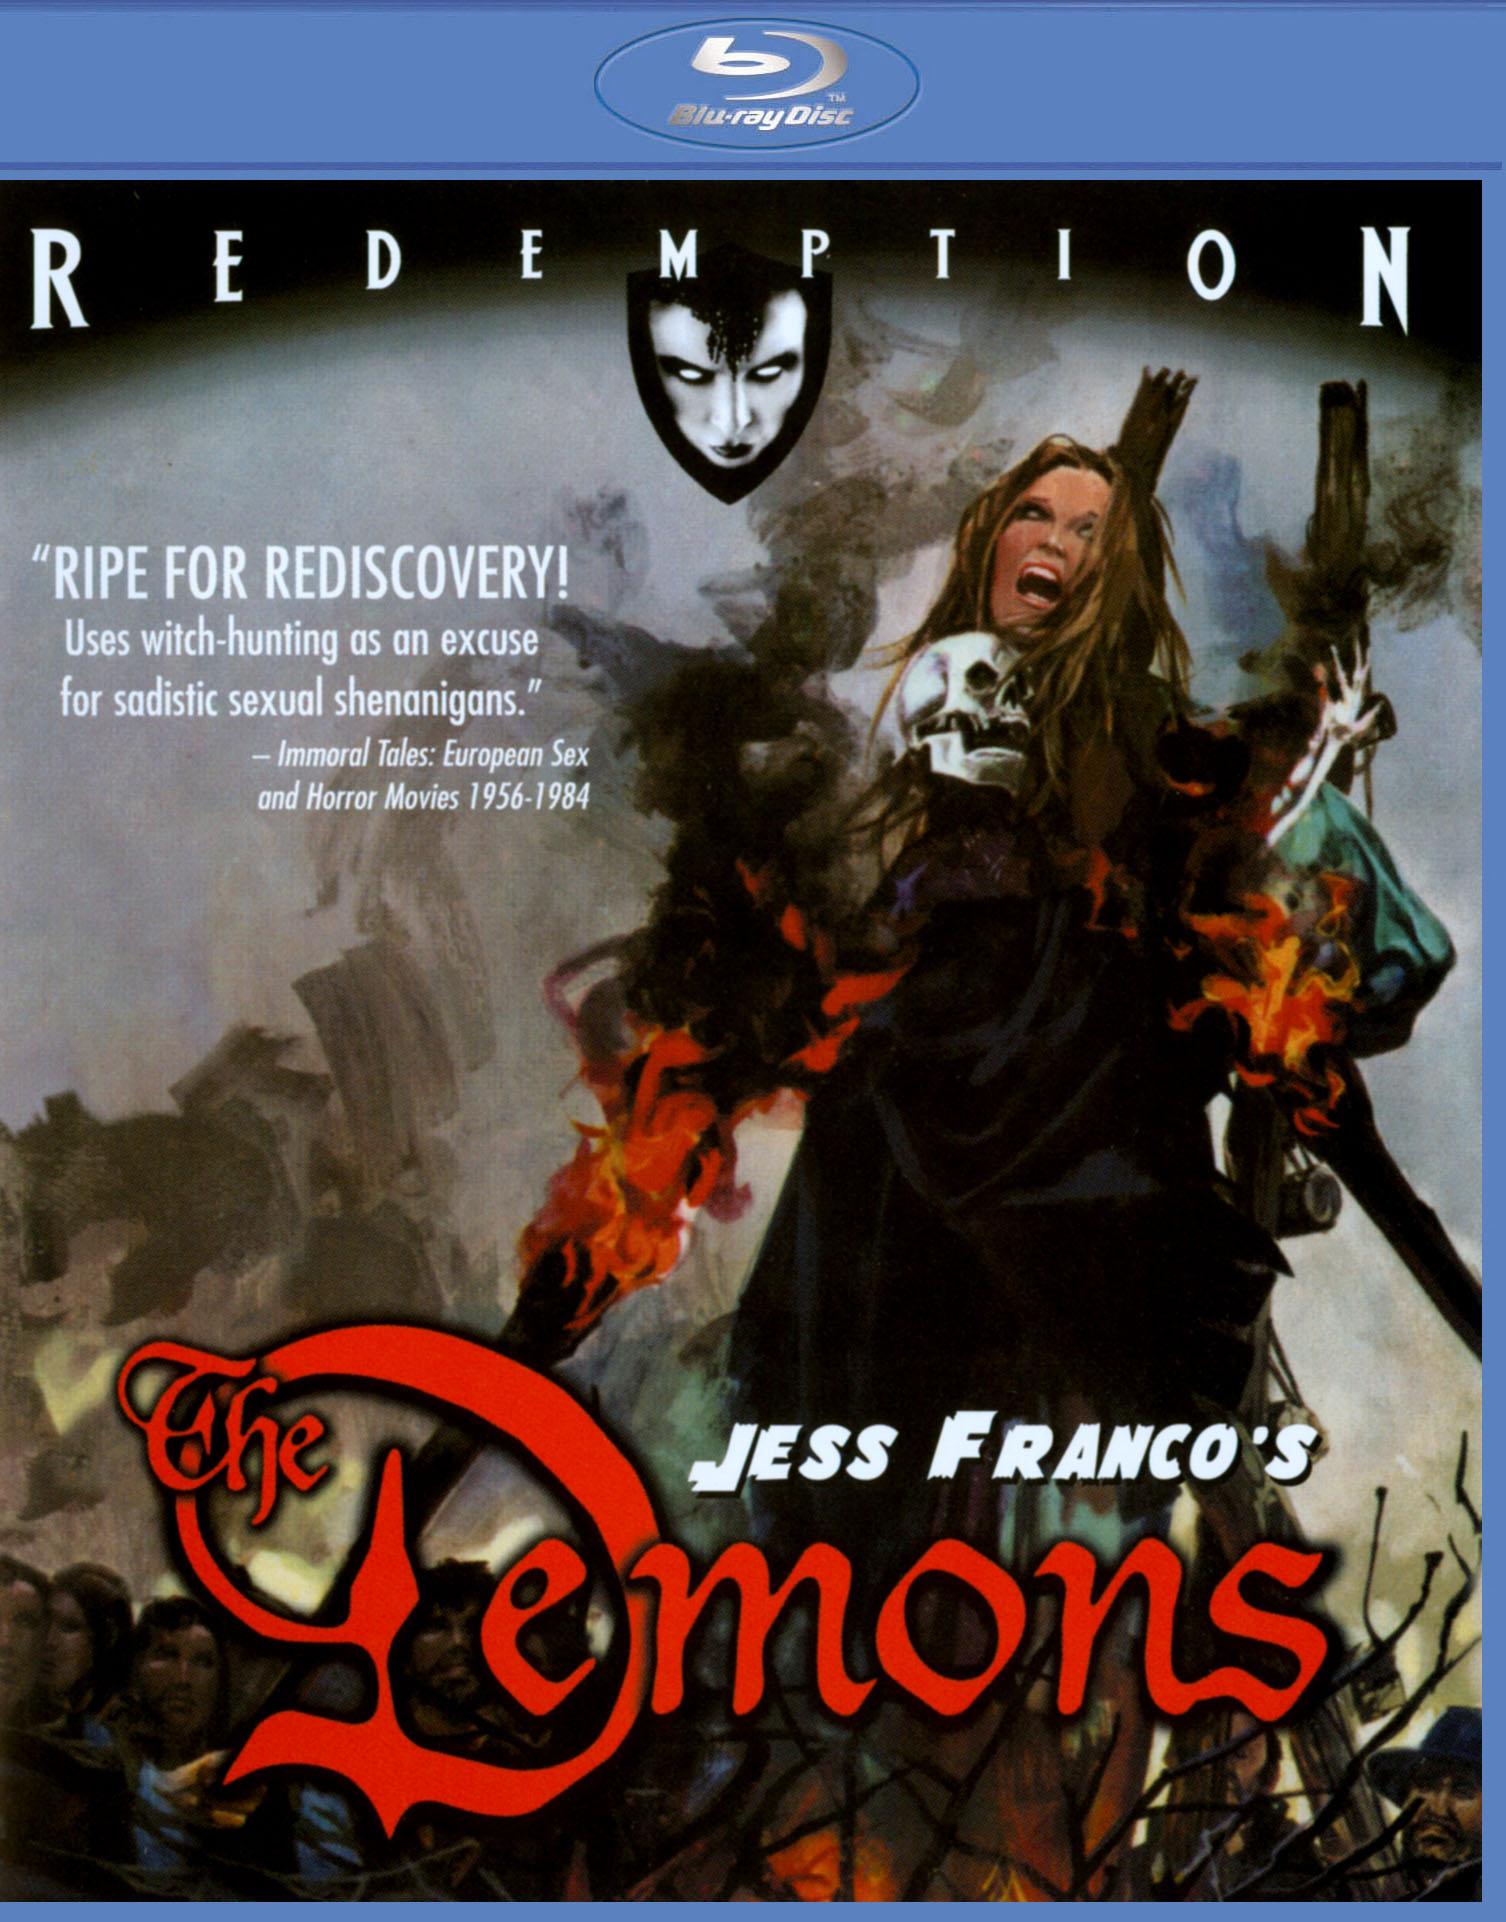 Les Demons